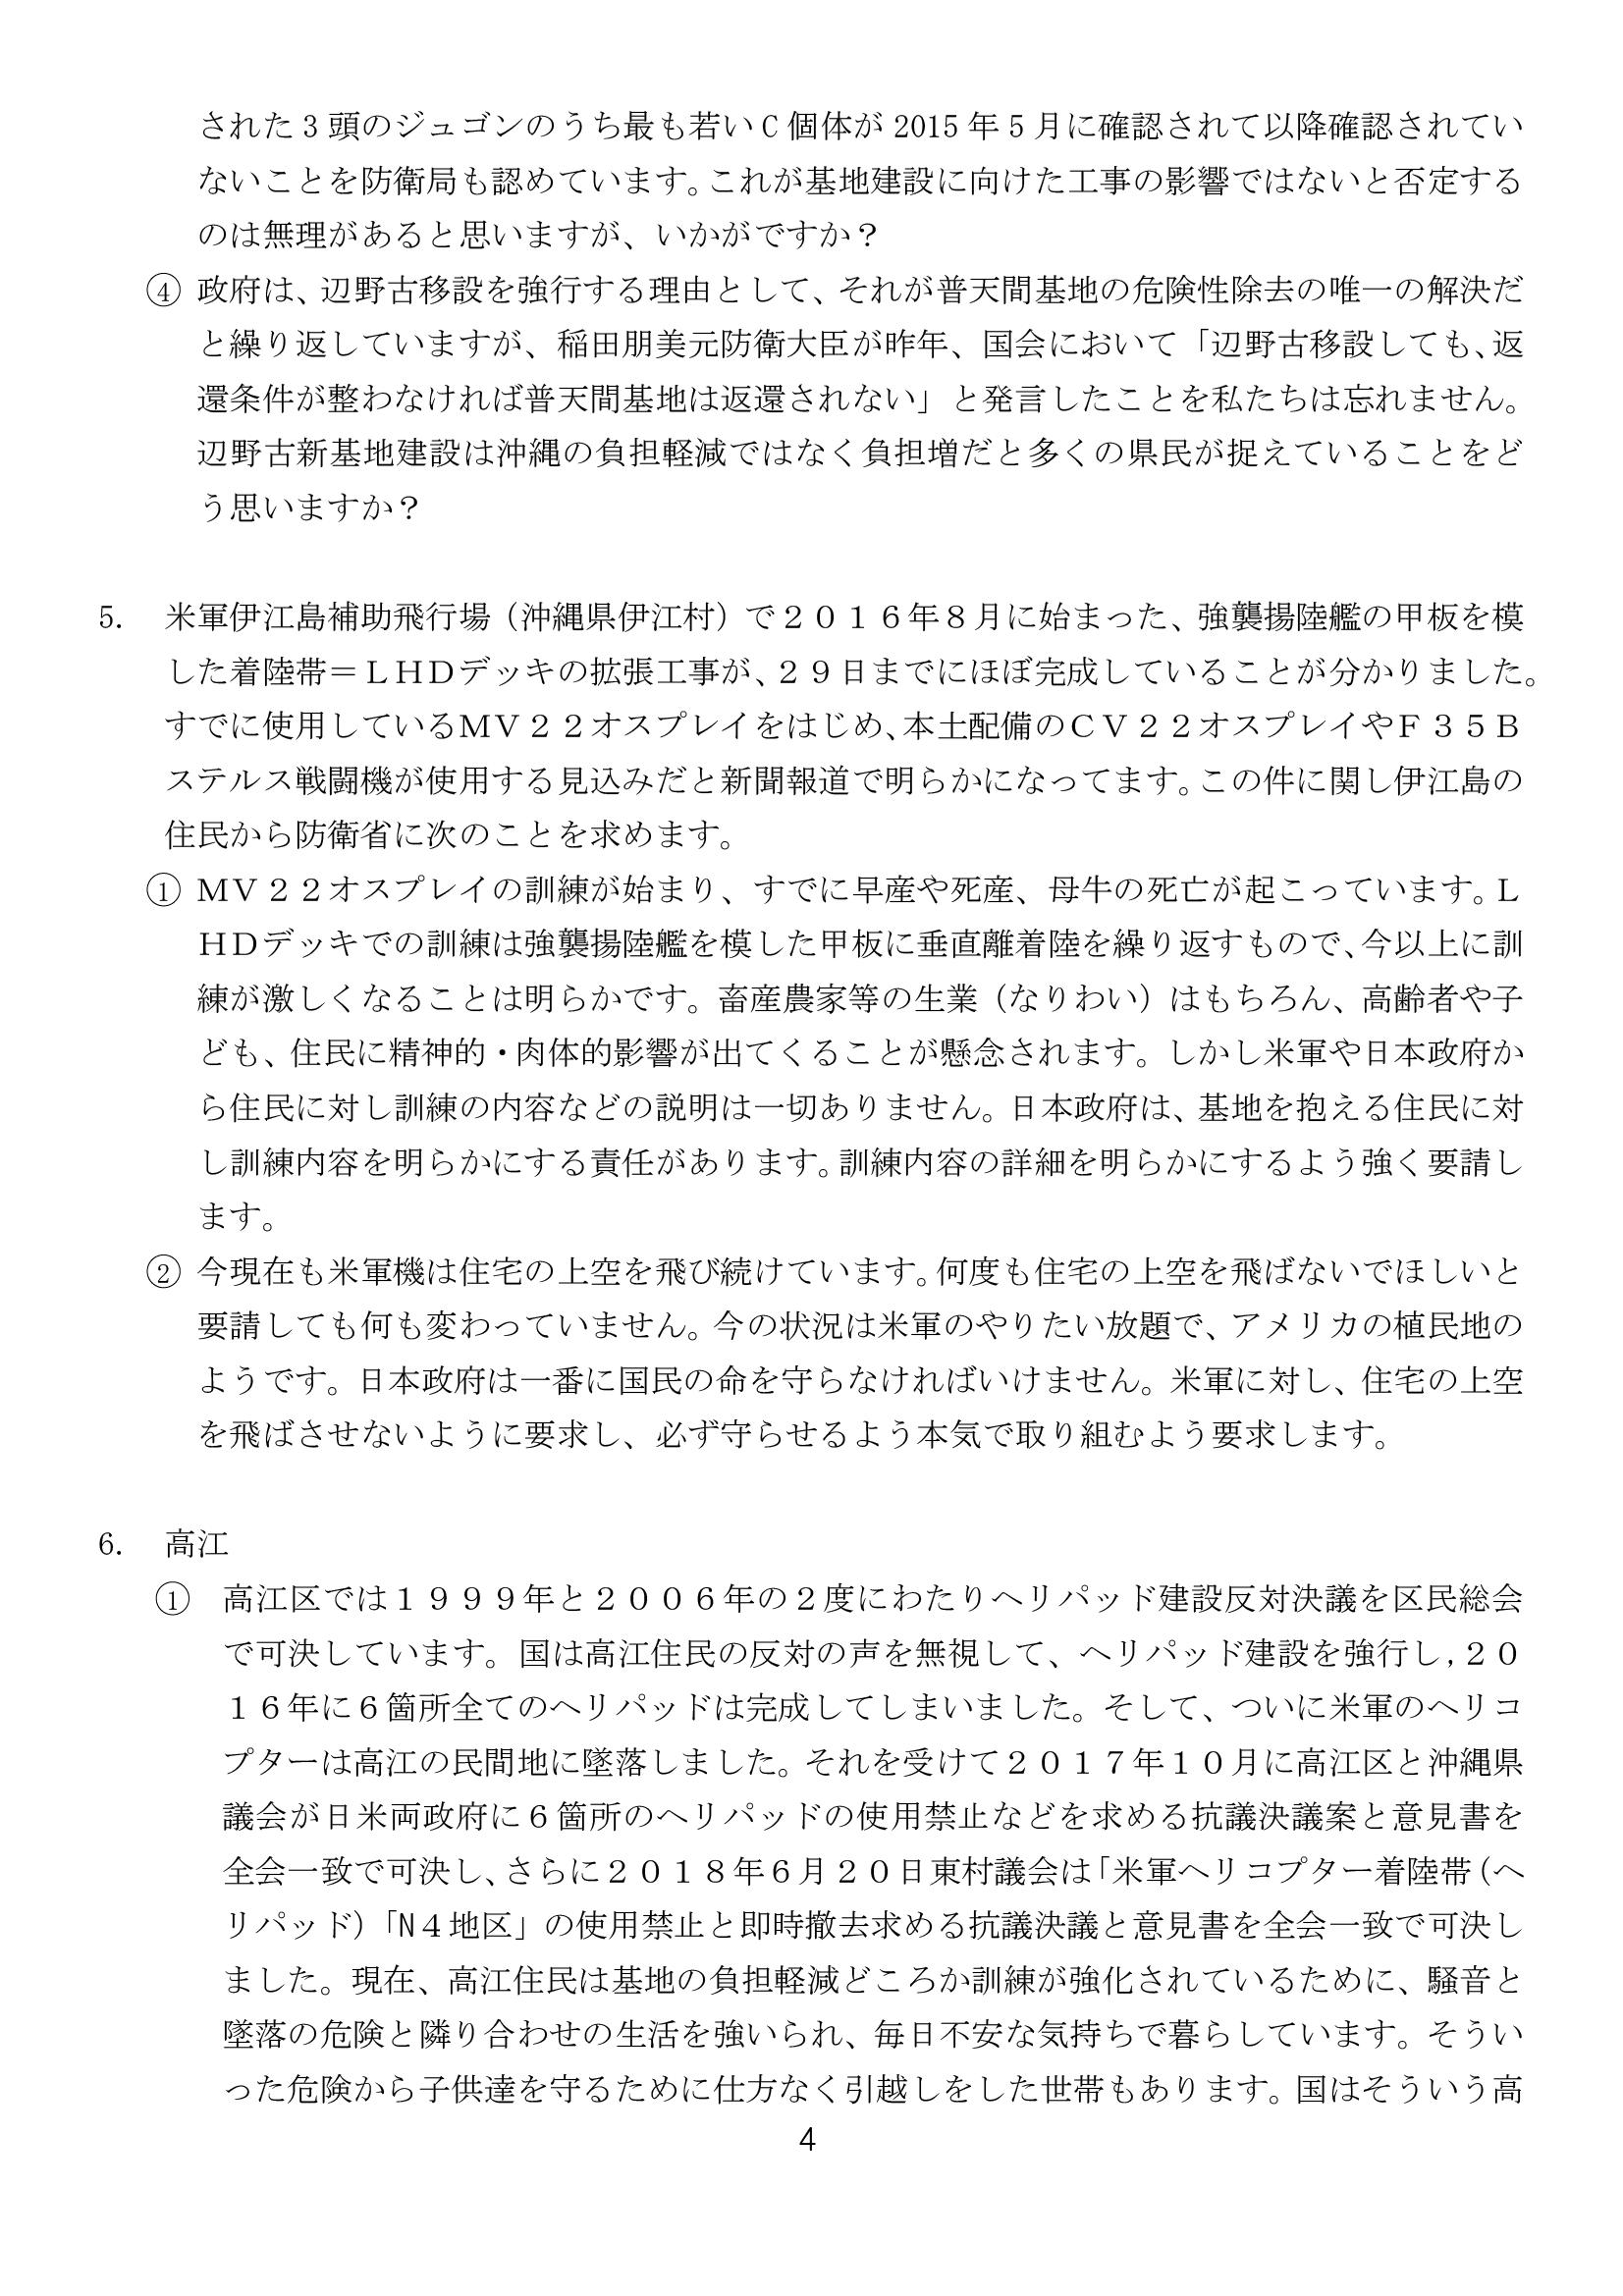 12月政府交渉要請書0004